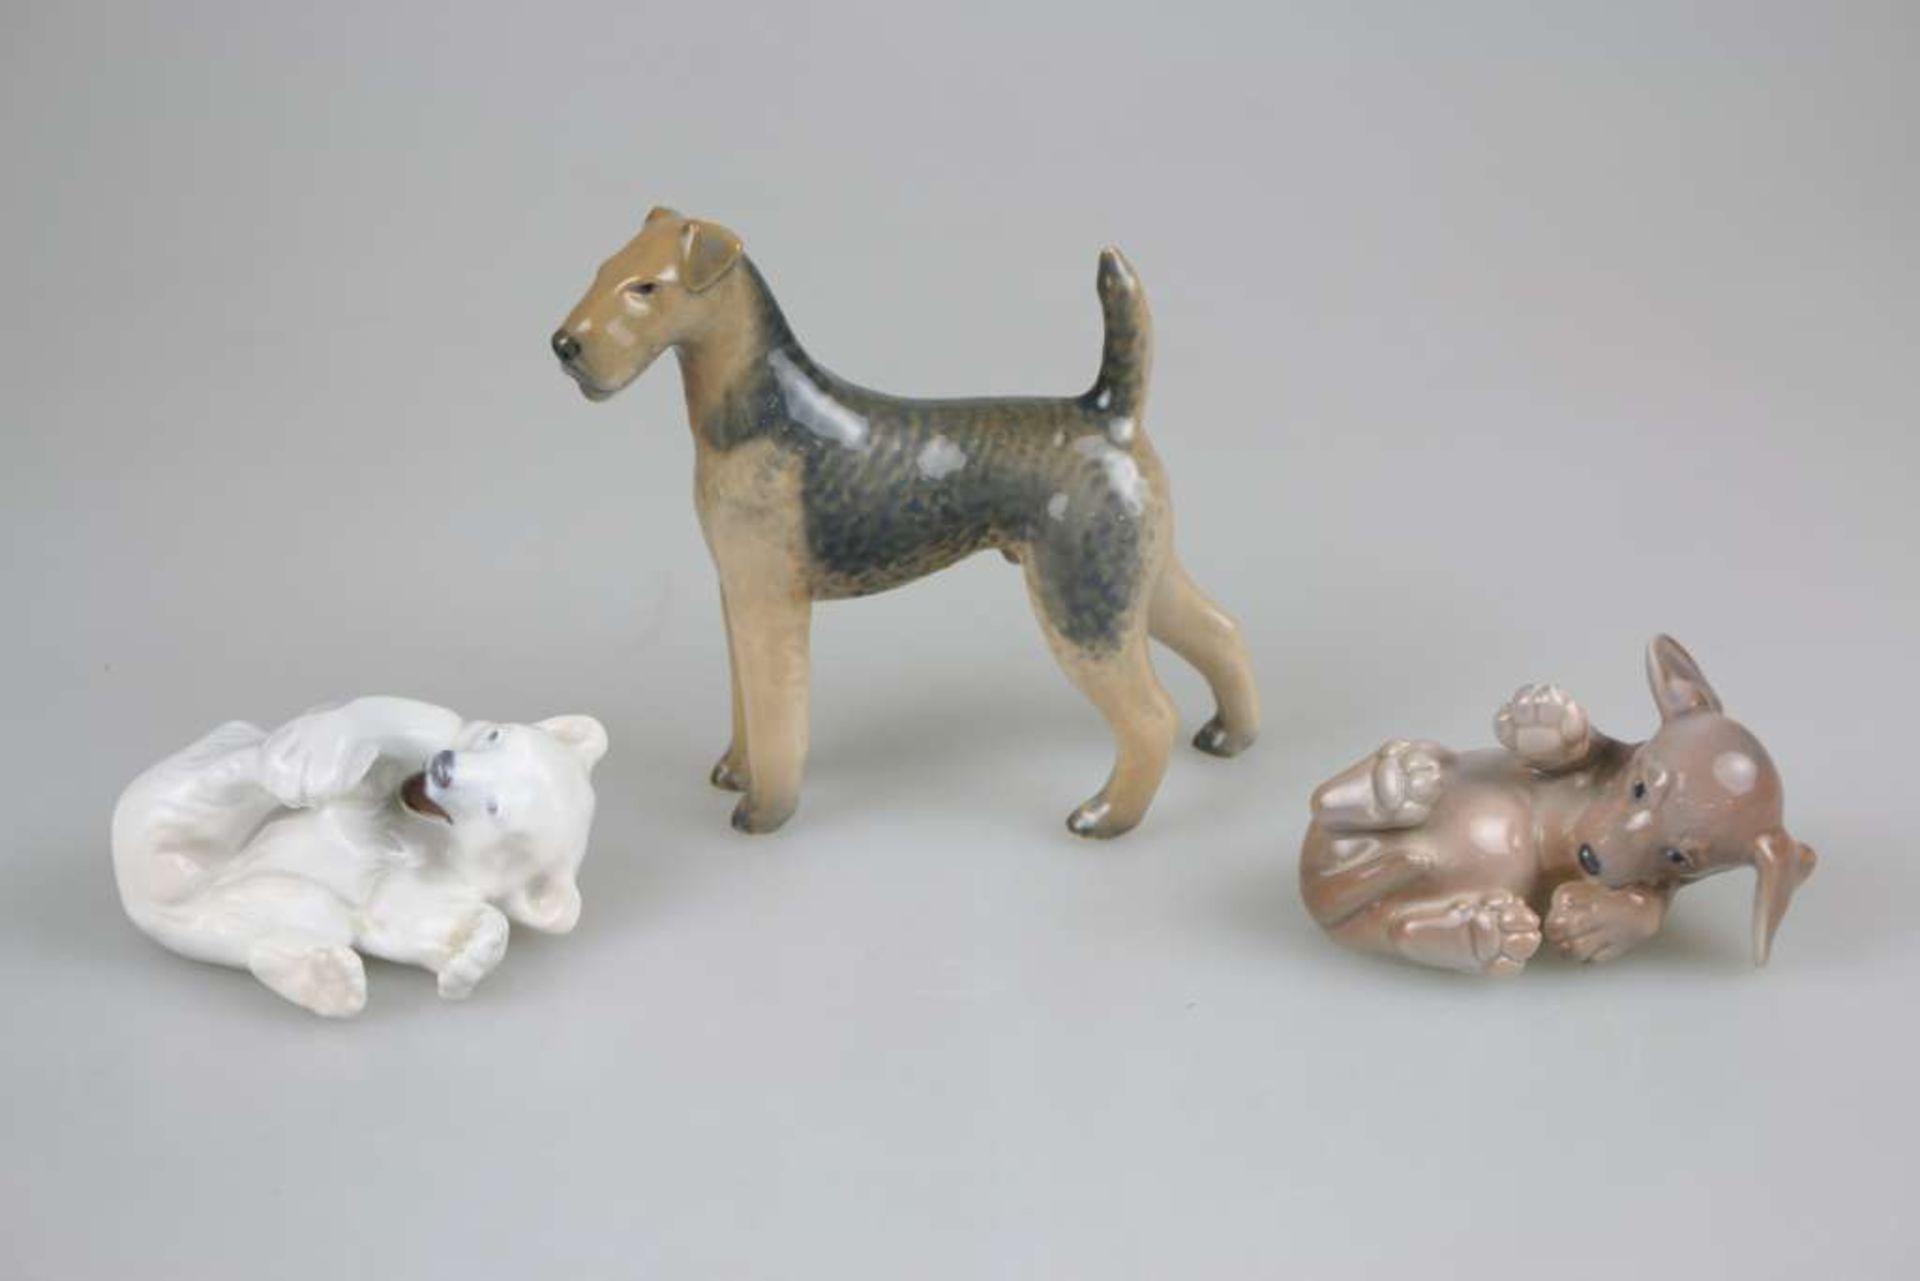 Konvolut von 3 Tierfiguren, Royal Copenhagen, 20. Jh., polychrom gefasst, bestehend aus: junger